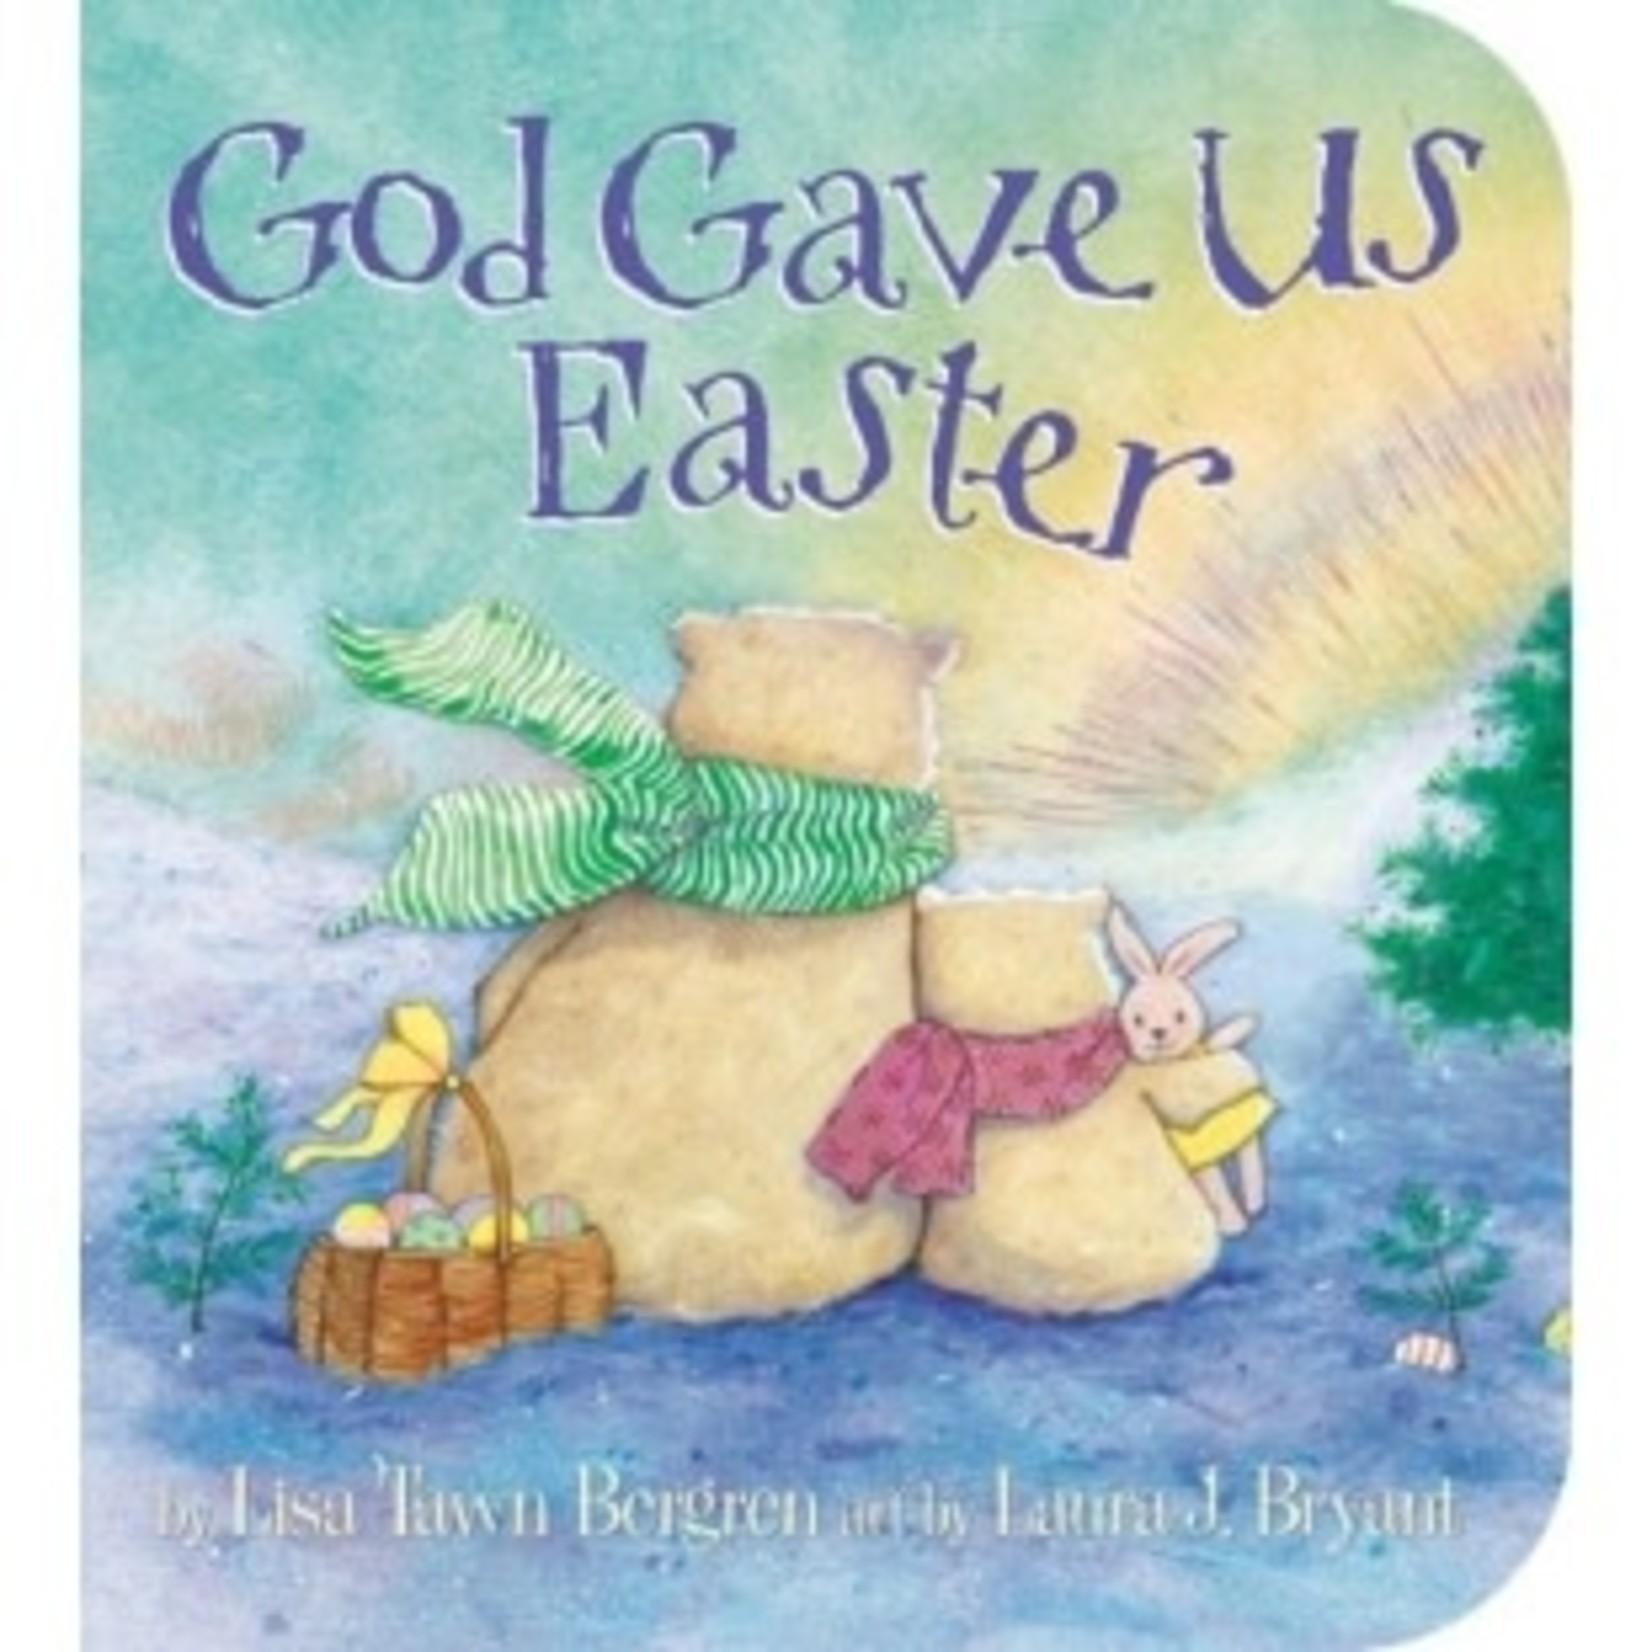 Skandisk, Inc. Book: God Gave Us Easter BB